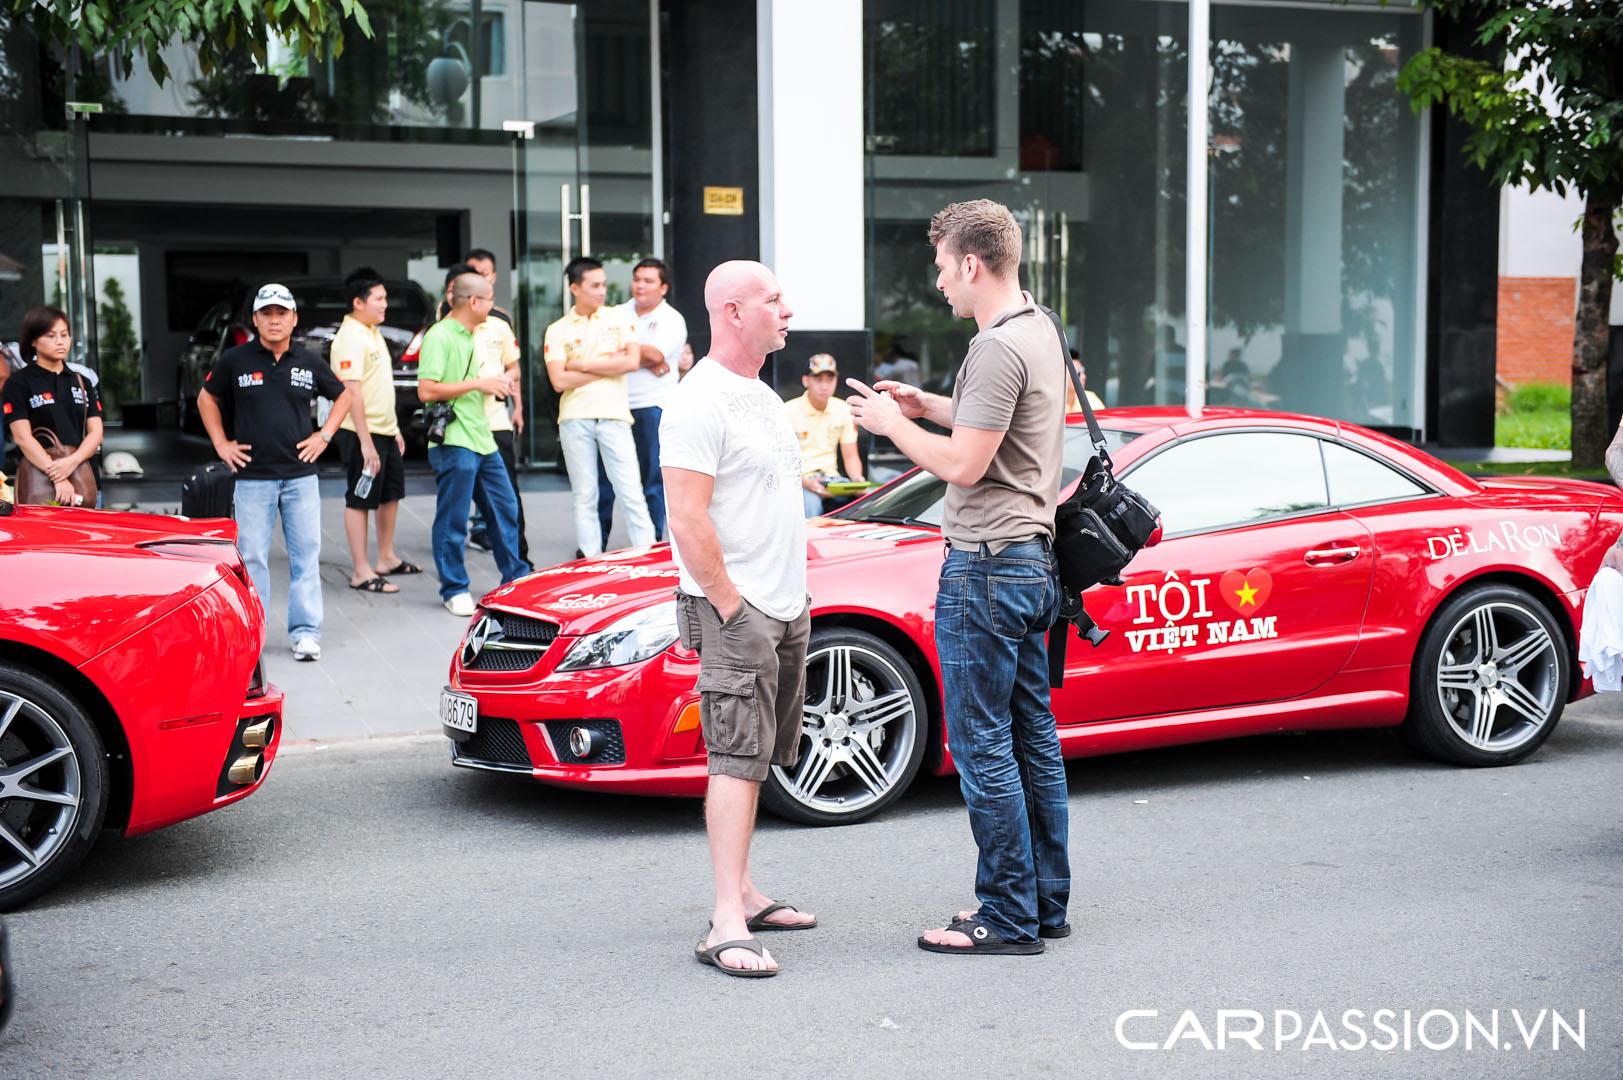 CP-Hành trình siêu xe CarPassion 2011 (217).jpg